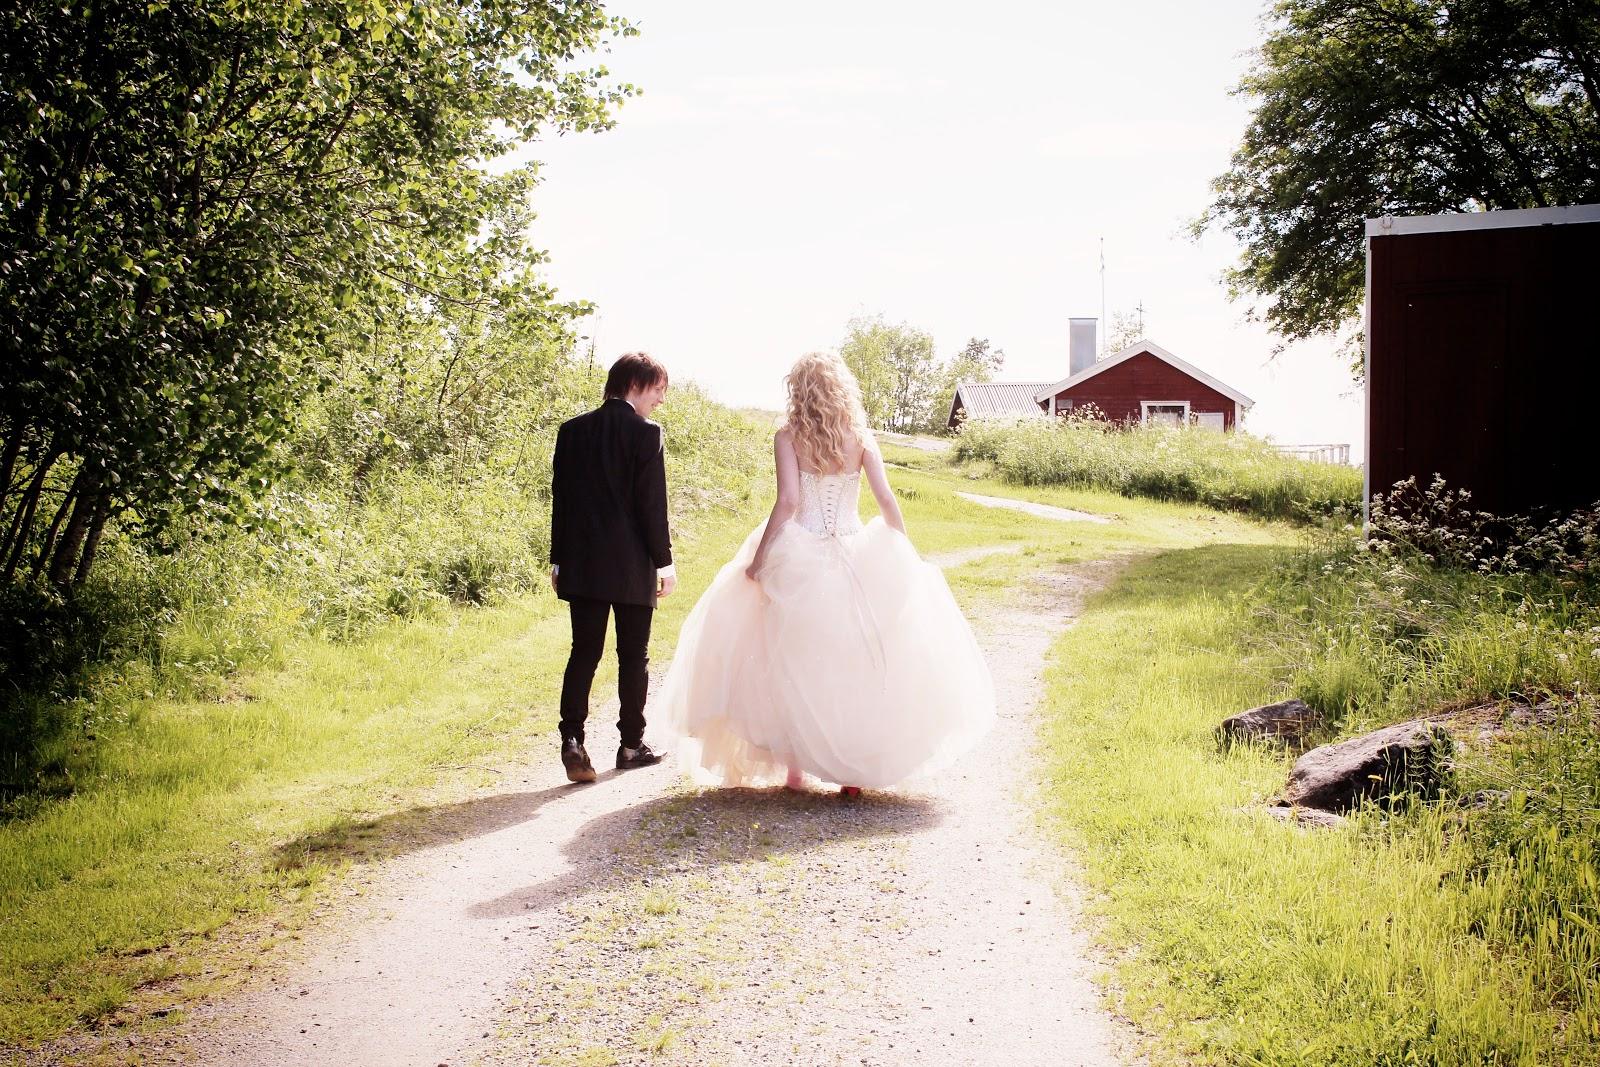 Fotograf Härnösand Maria-Thérèse Sommar bröllopsfotograf